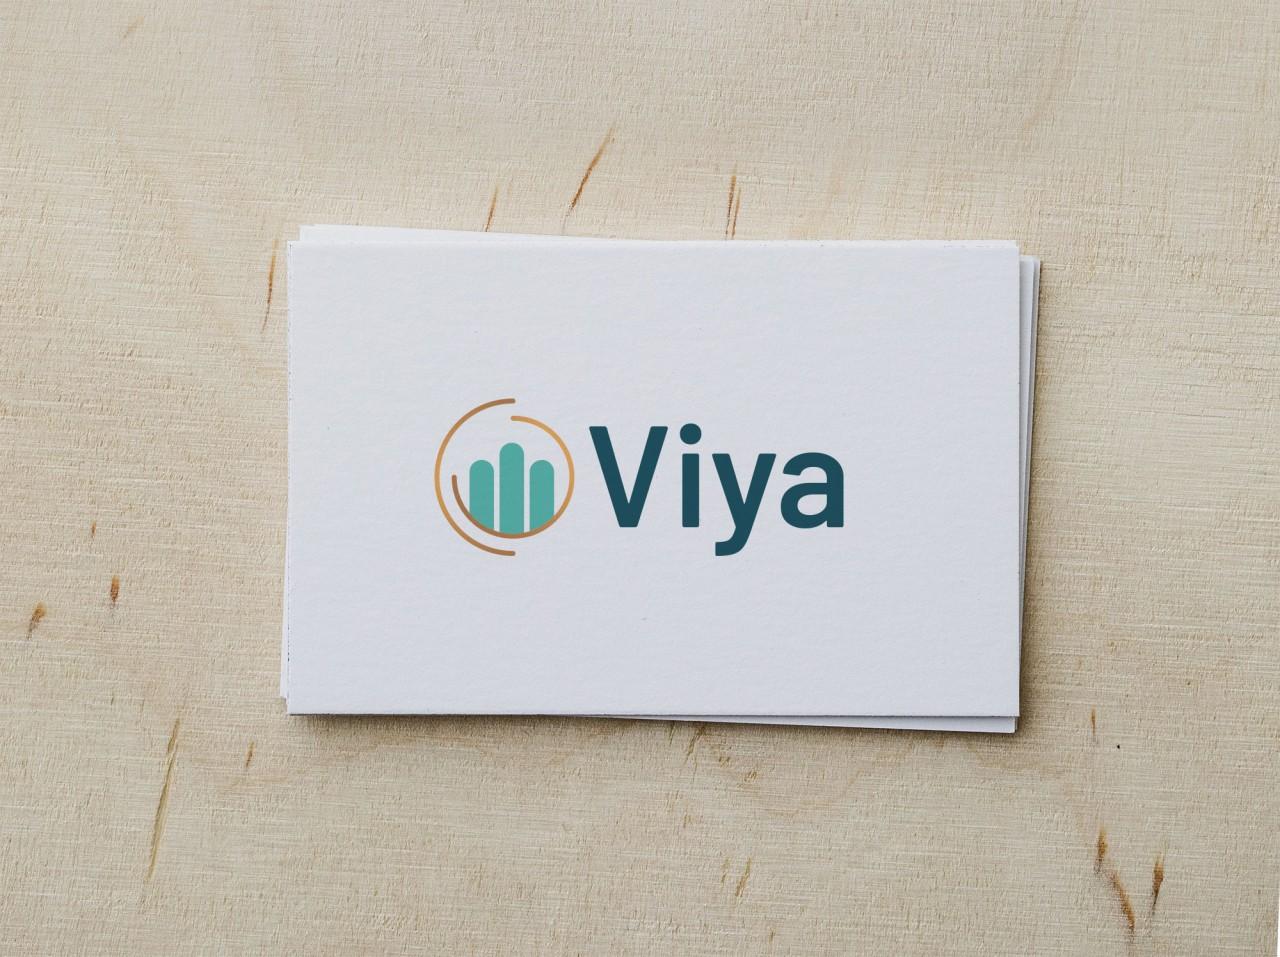 viya logo design on a card